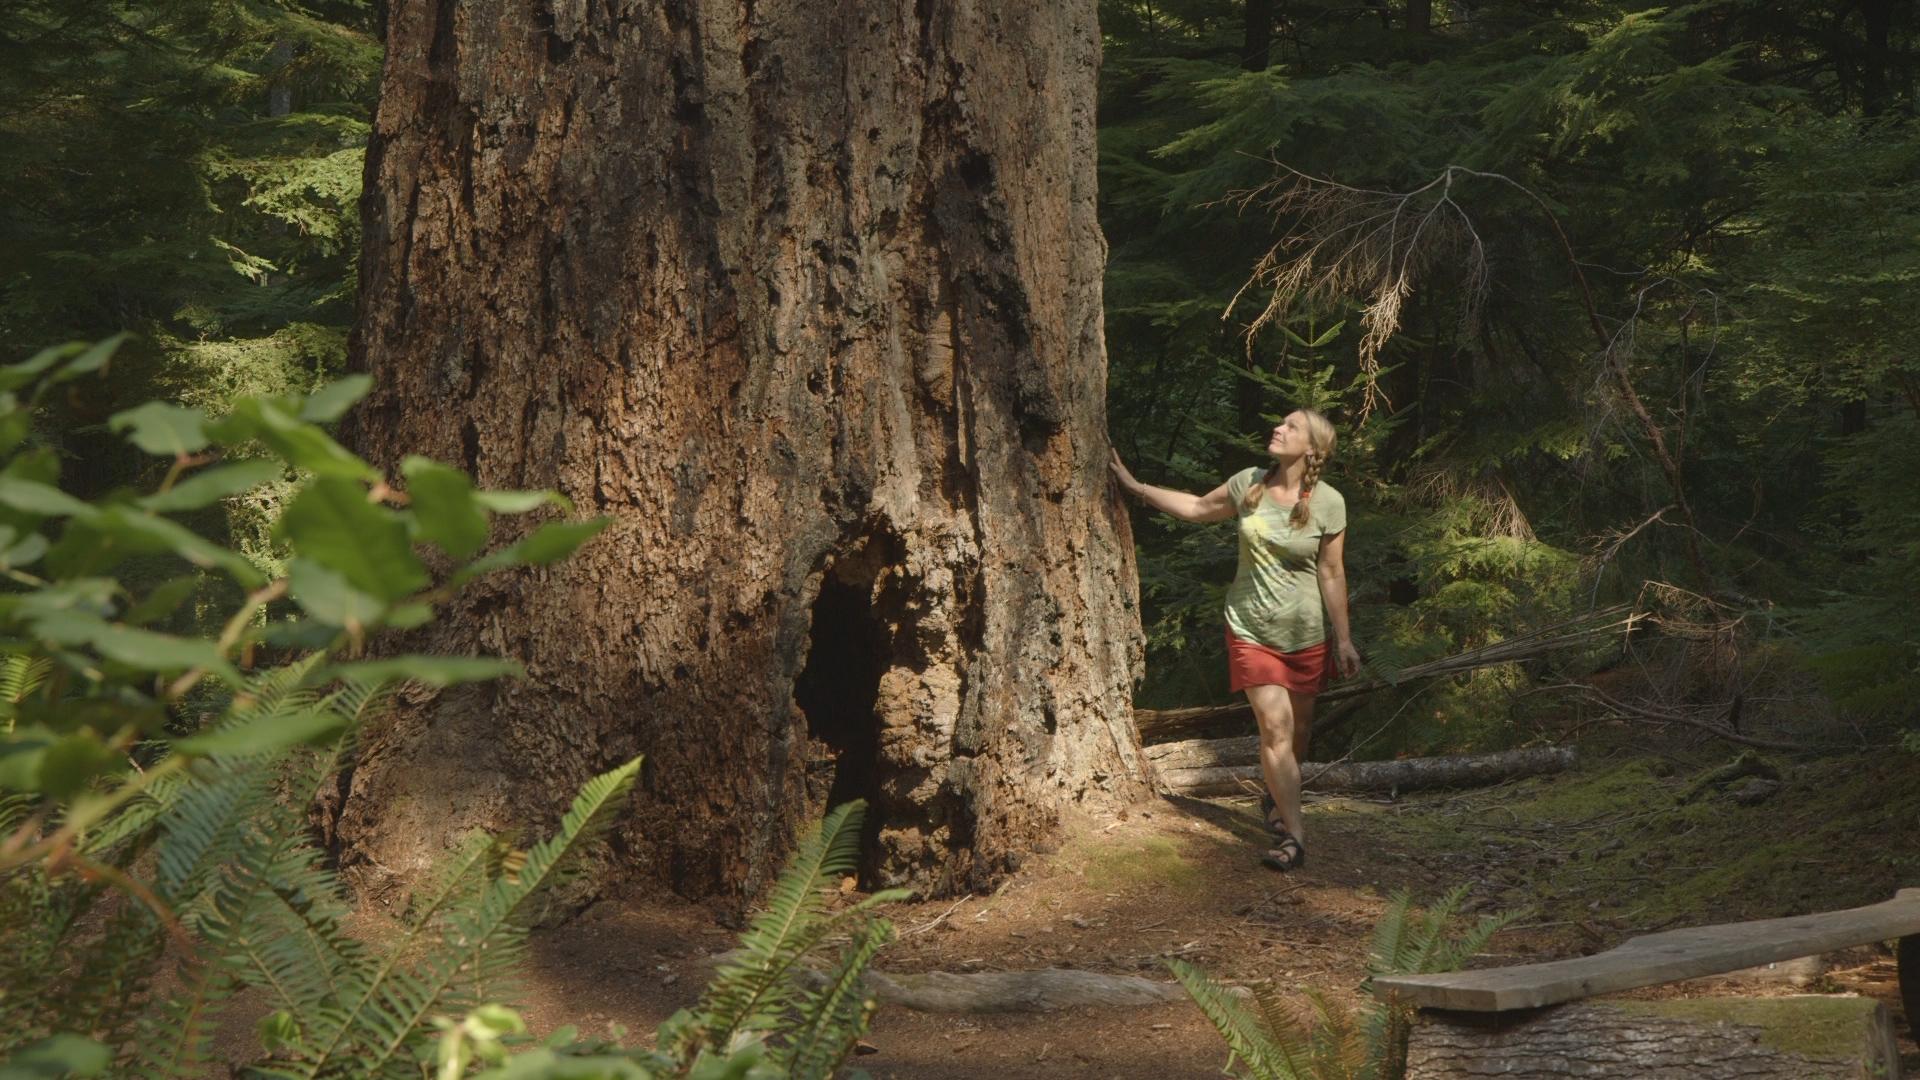 Jill & her forest friend